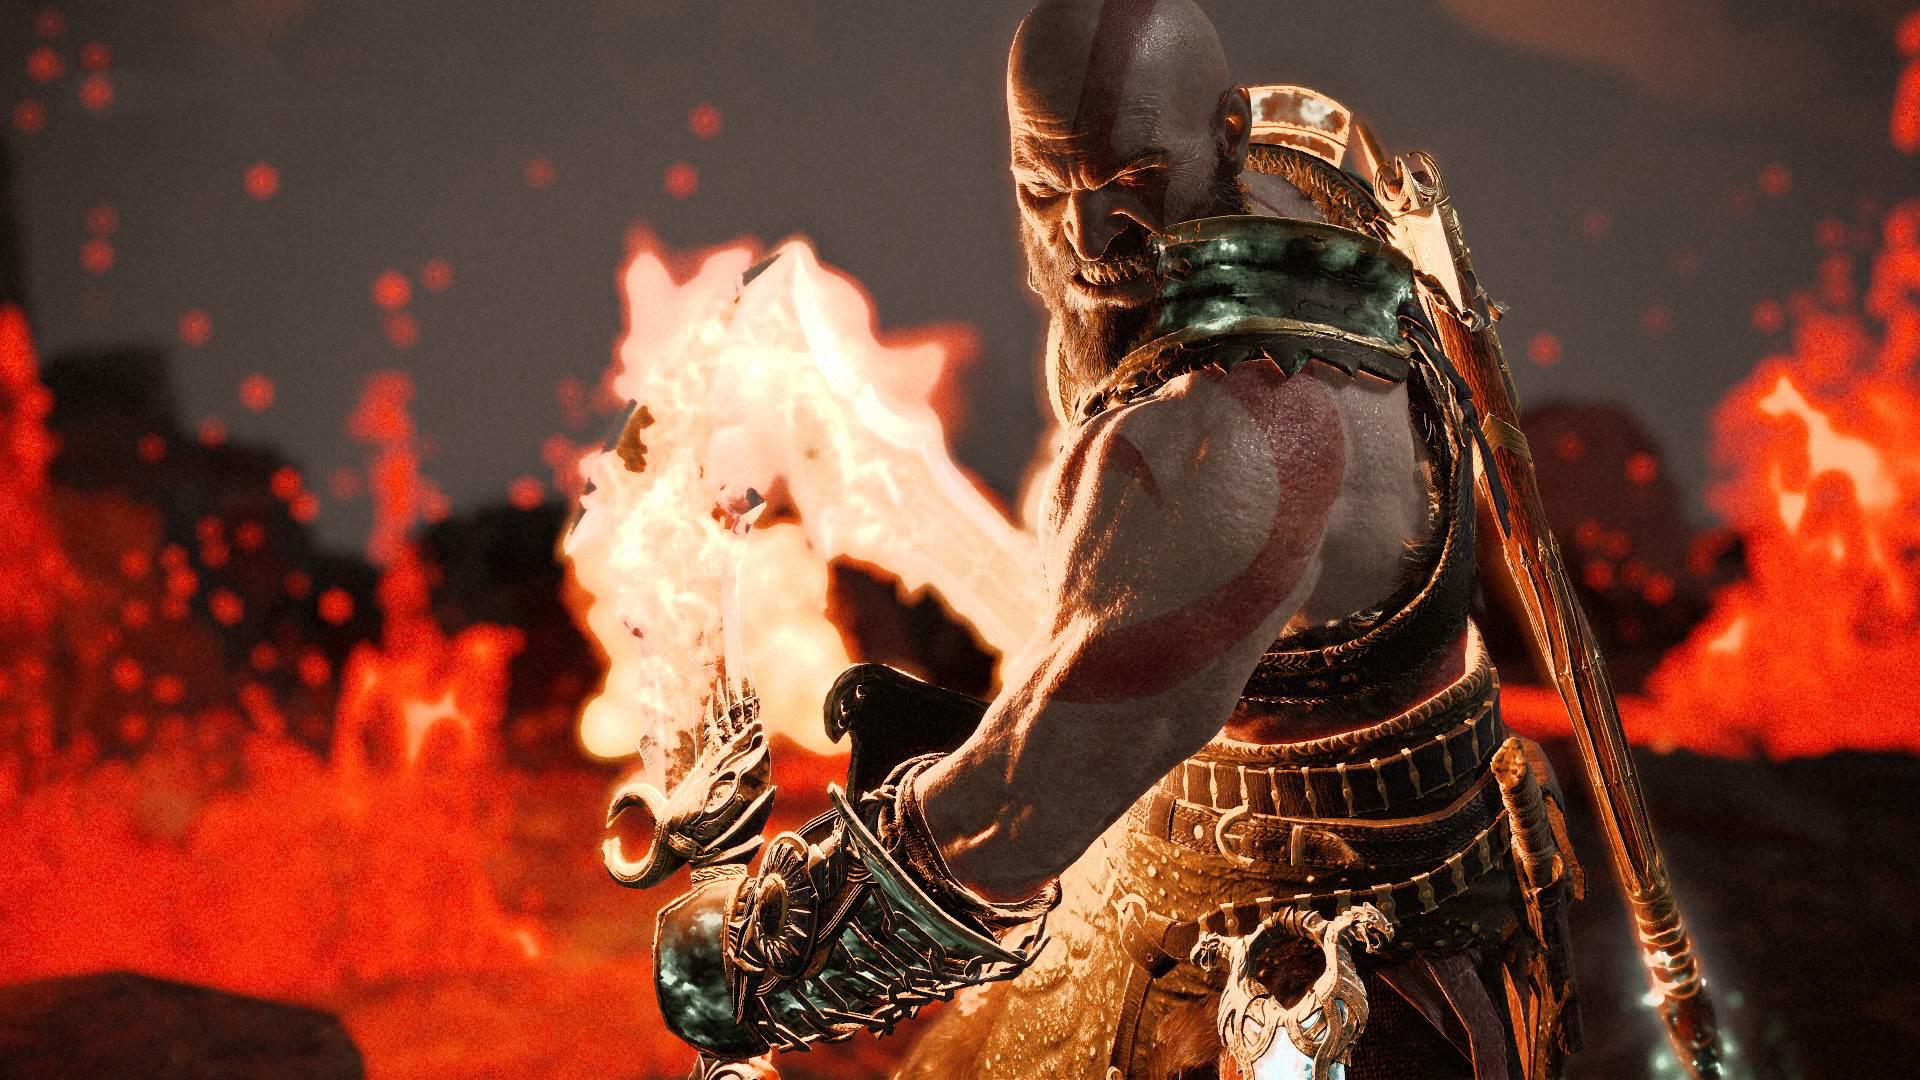 1920x1080 Kratos God Of War 4 Game Laptop Full Hd 1080p Hd